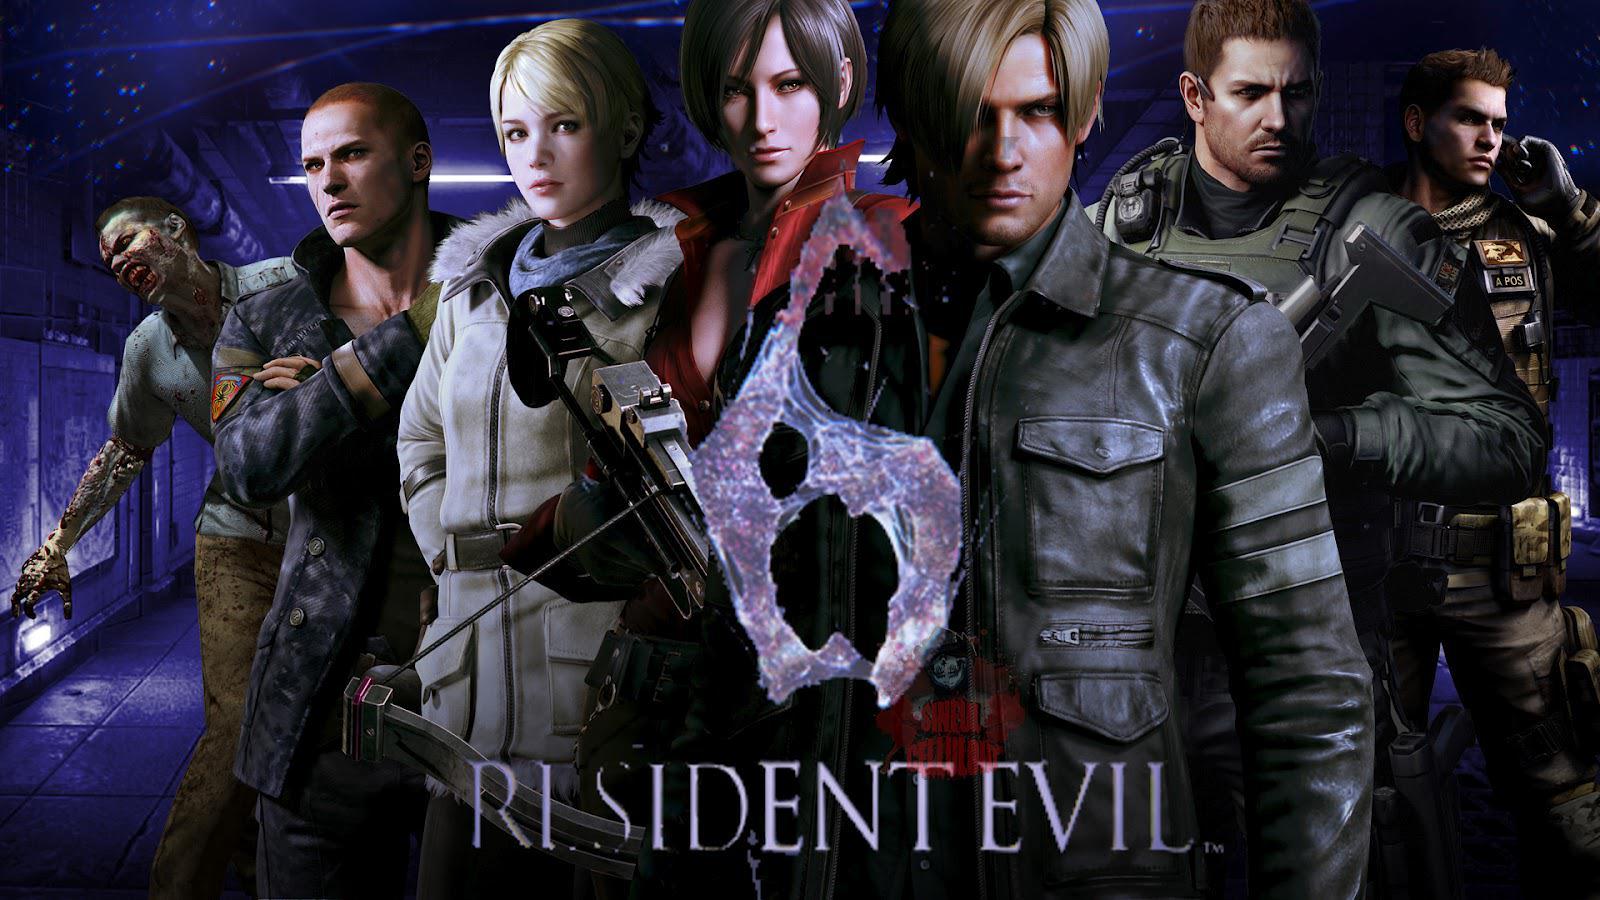 Resident Evil 7 all'E3 2014? Il gioco forse è un multiplatform